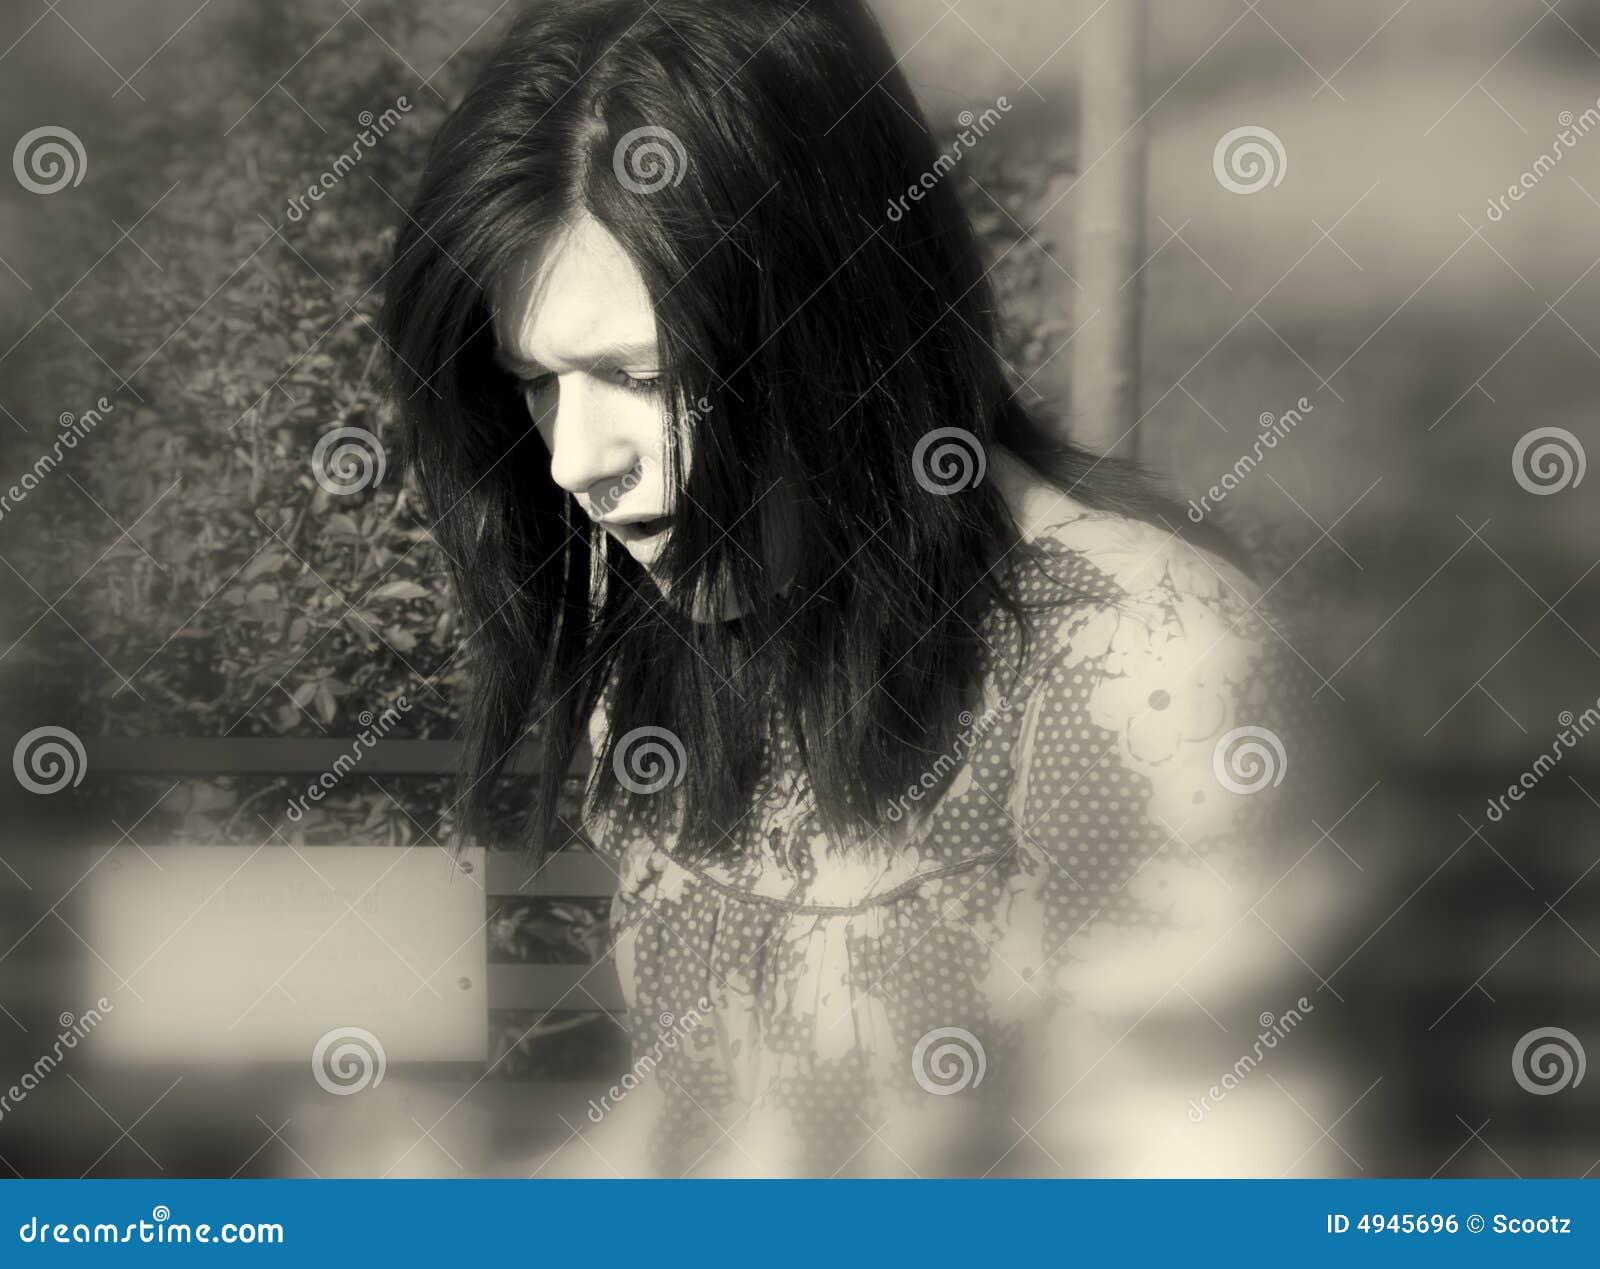 Sad sad girl